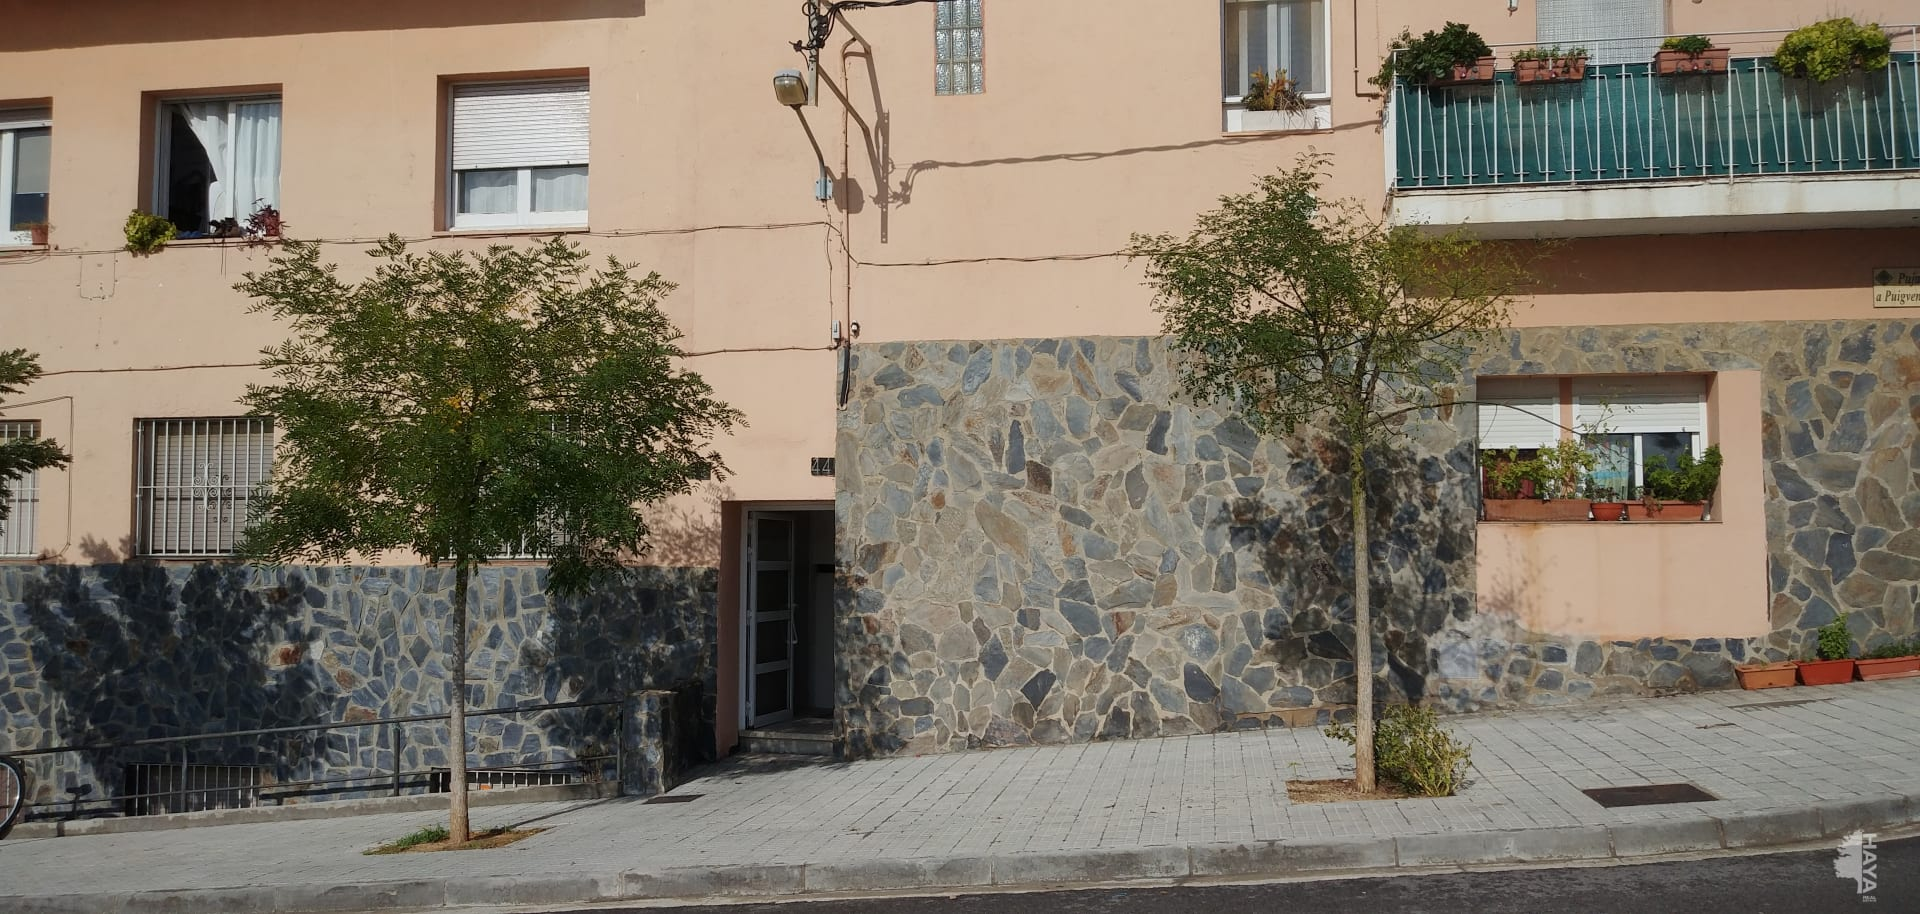 Piso en venta en Lloret de Mar, Girona, Calle Cuesta Puigventos, 61.000 €, 1 habitación, 1 baño, 42 m2